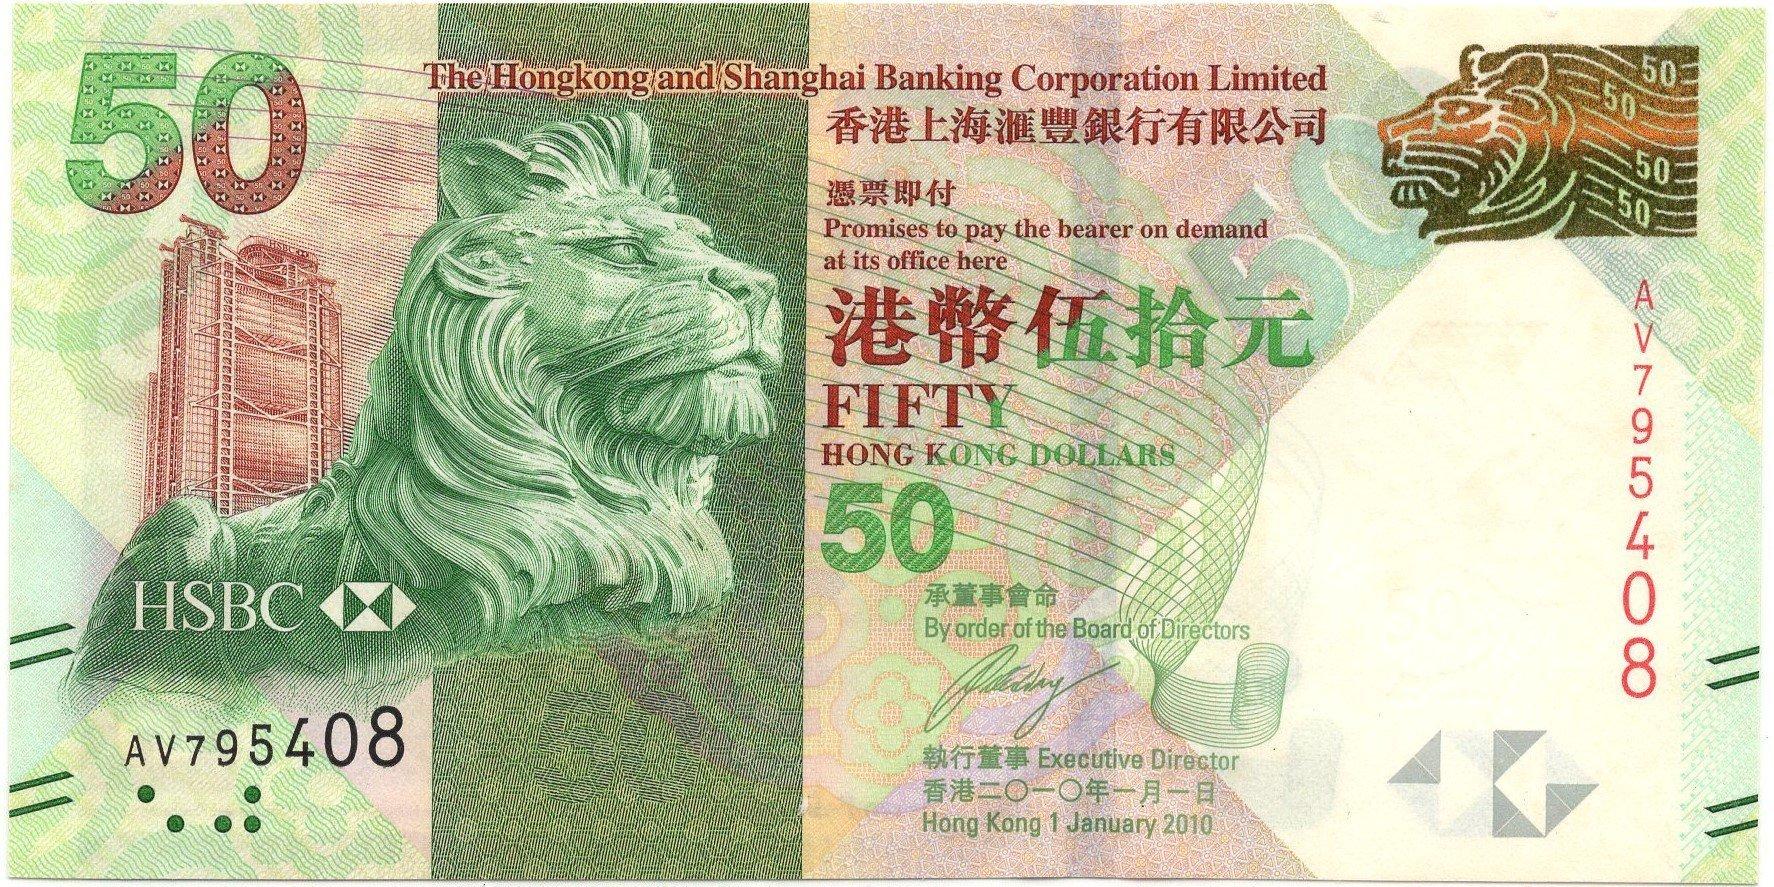 Hong Kong 50 dollars HSBC banknote for sale